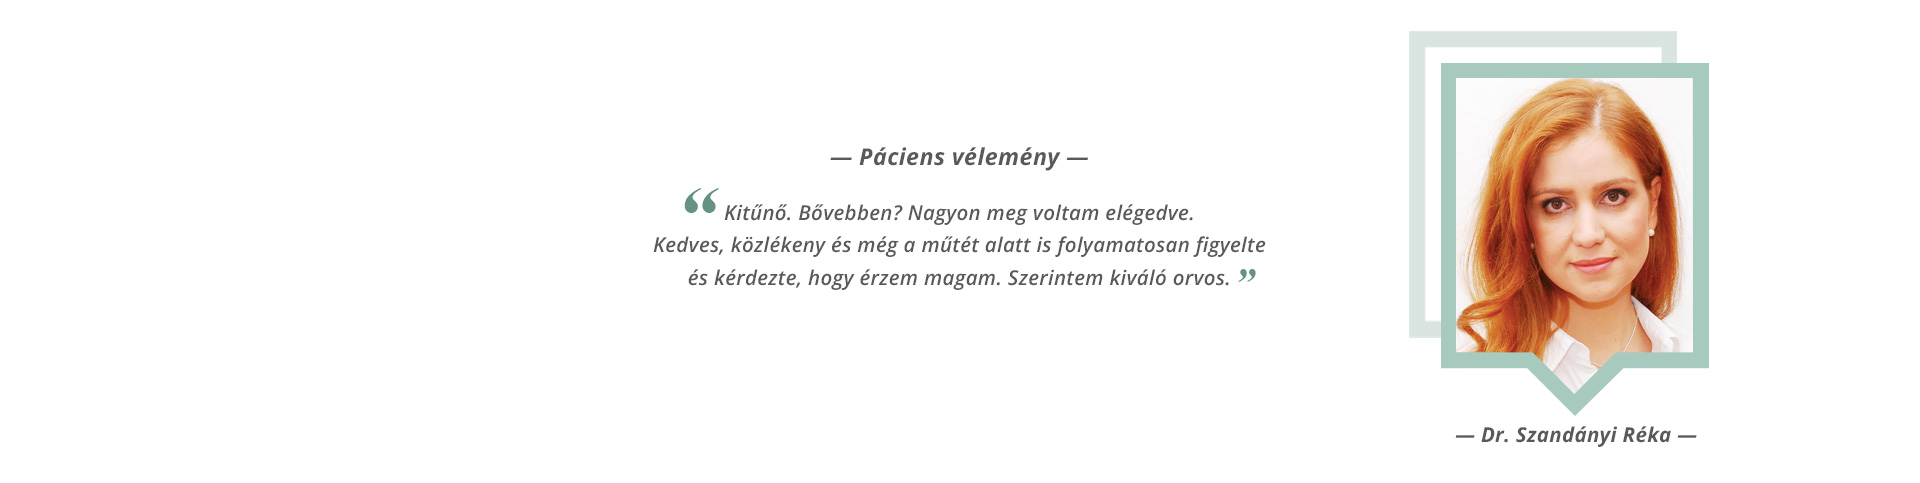 humán papillomavírus irodalmi áttekintés papillomavírusos ember kenet